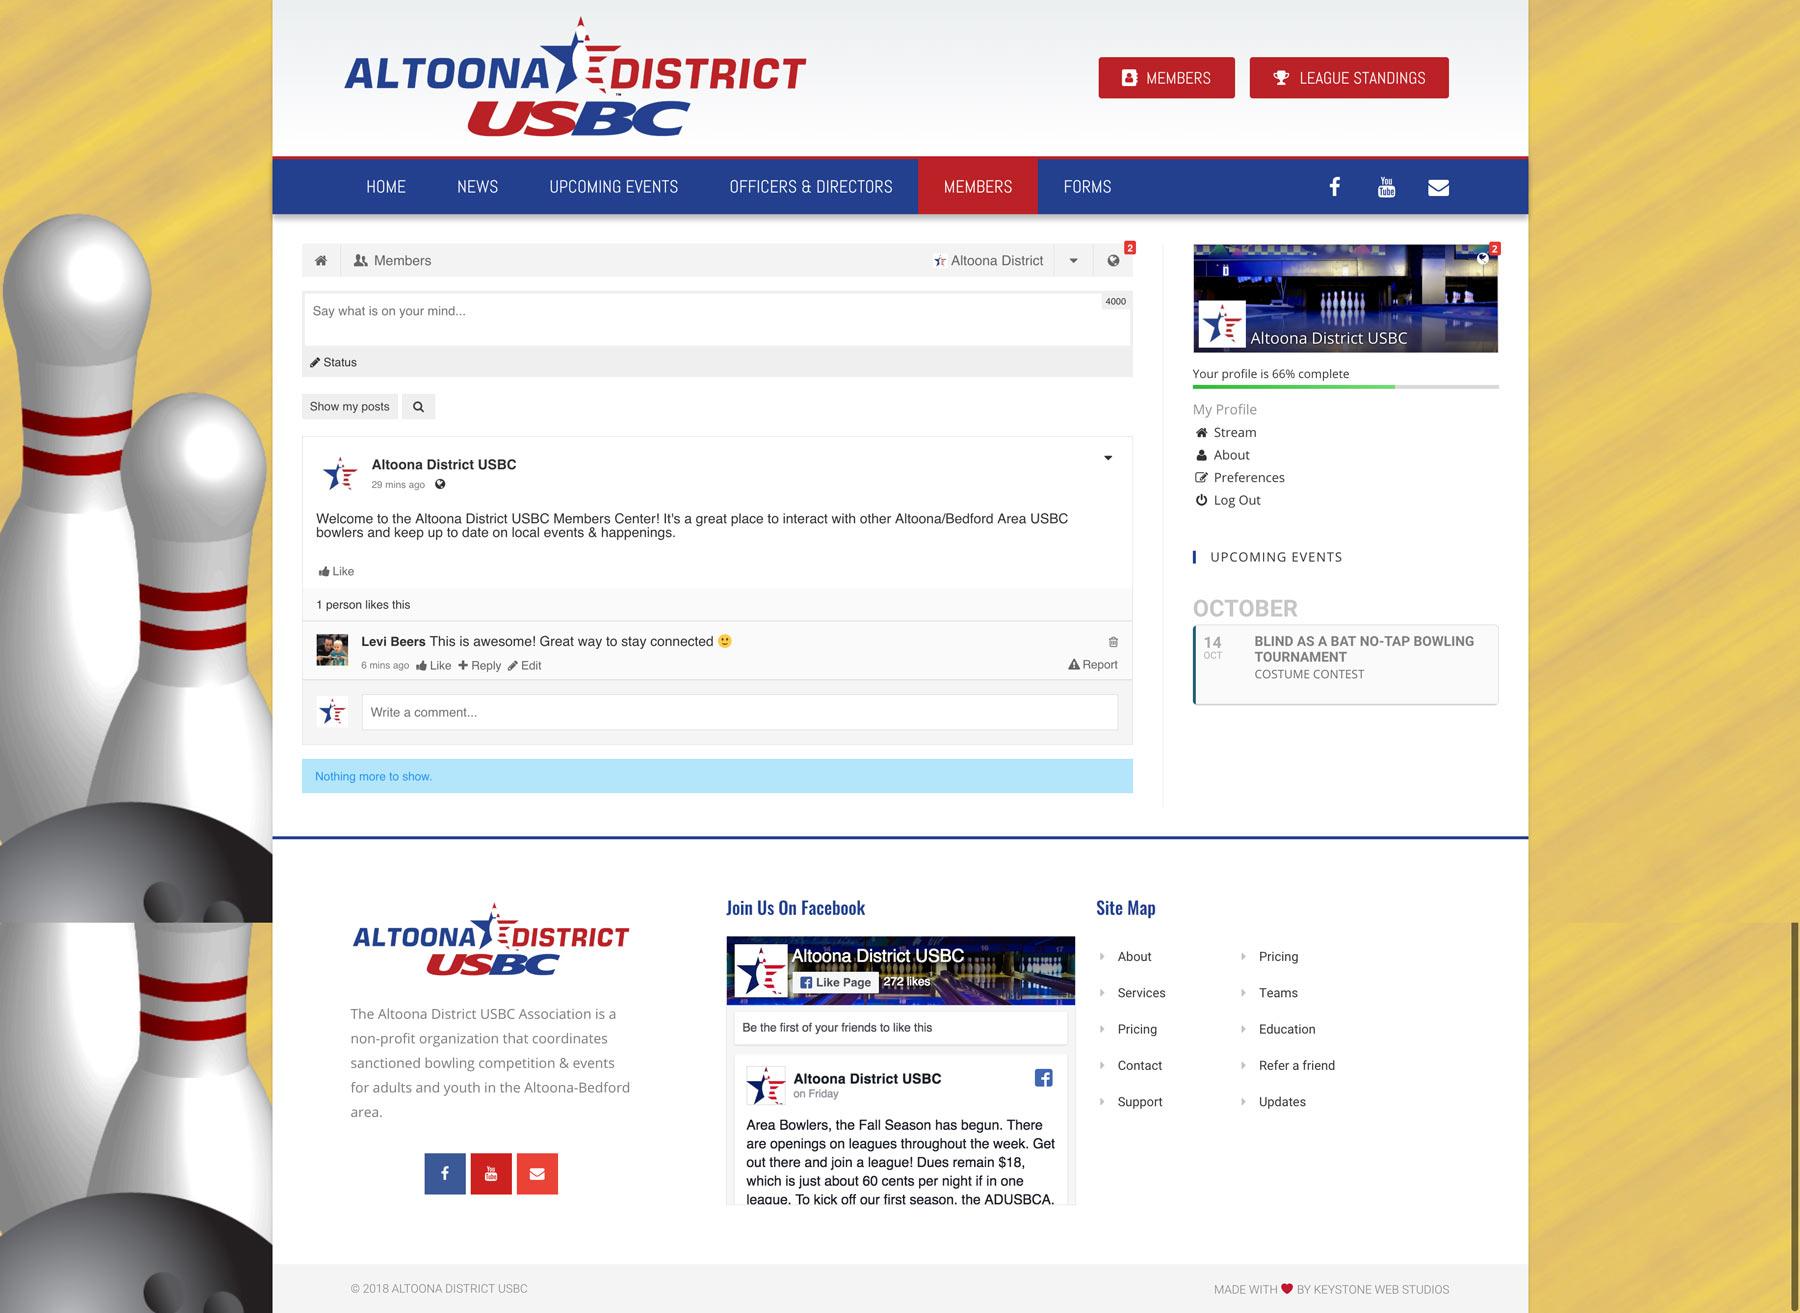 New Website & Member Center